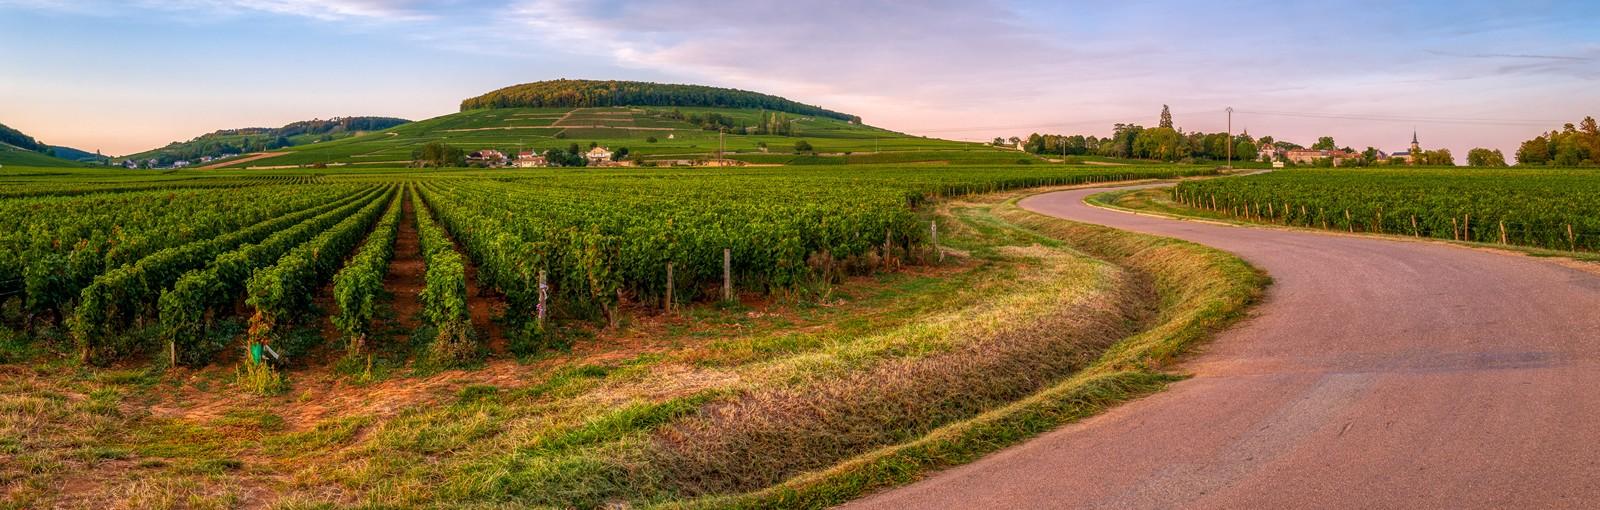 Tours 3 noches en Borgoña: exploración, sensaciones, castillos y vinos! - Borgoña - Excursiones desde París